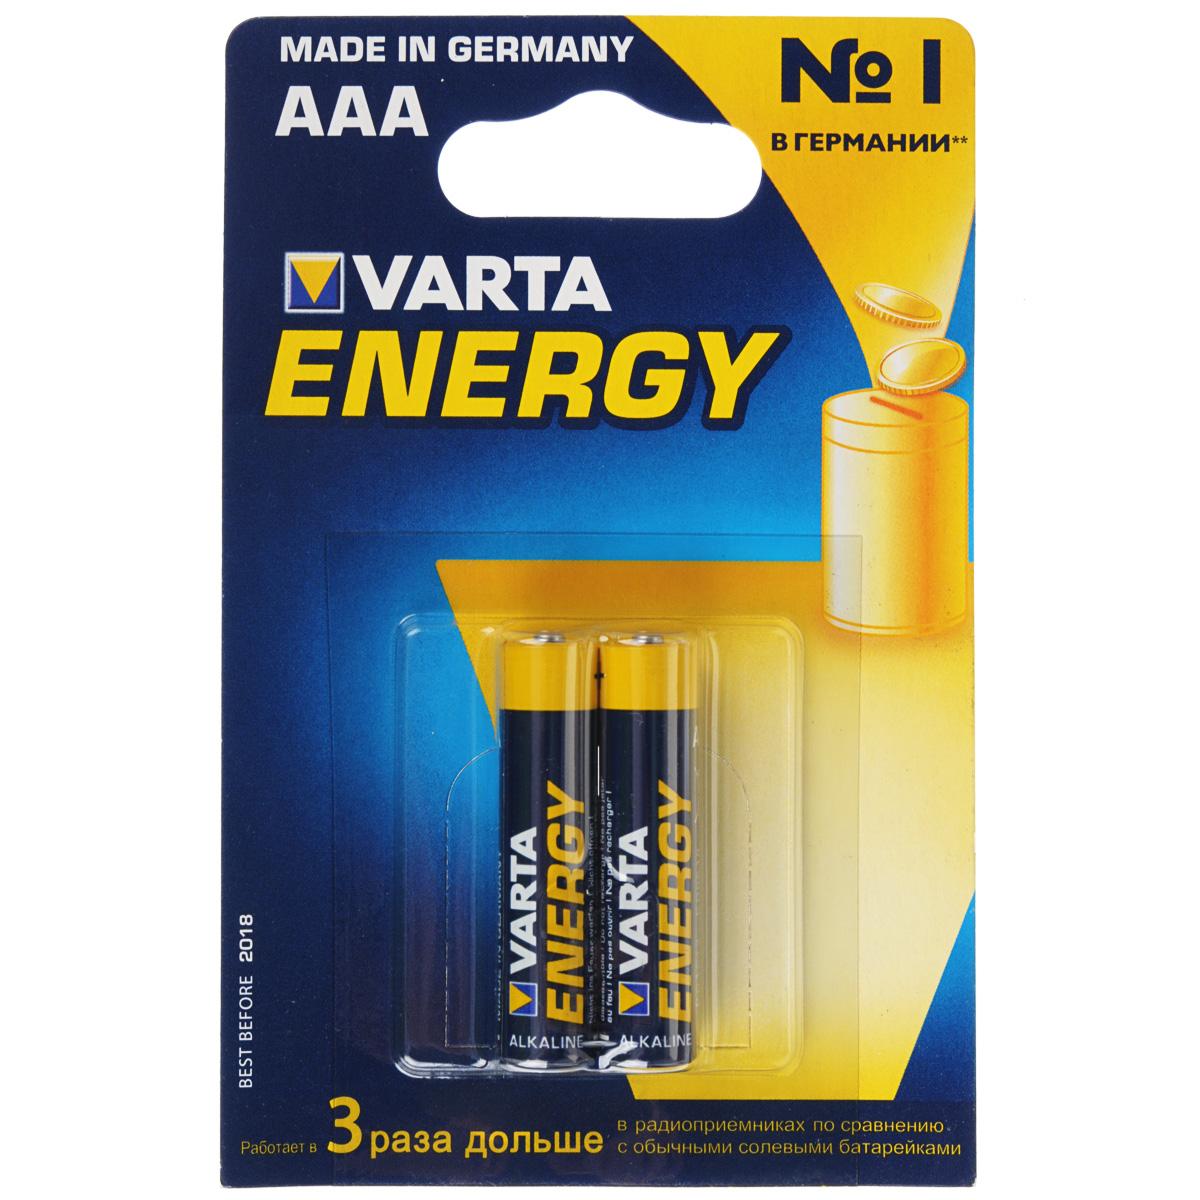 Батарейка Varta Energy, тип AAA, 1,5В, 2 шт38564Алкалиновые батарейки Varta Energy отличаются долгим сроком работы, подходят для аудио- видео- техники, а также другой электроники и бытовых приборов. Сделаны из качественных материалов.